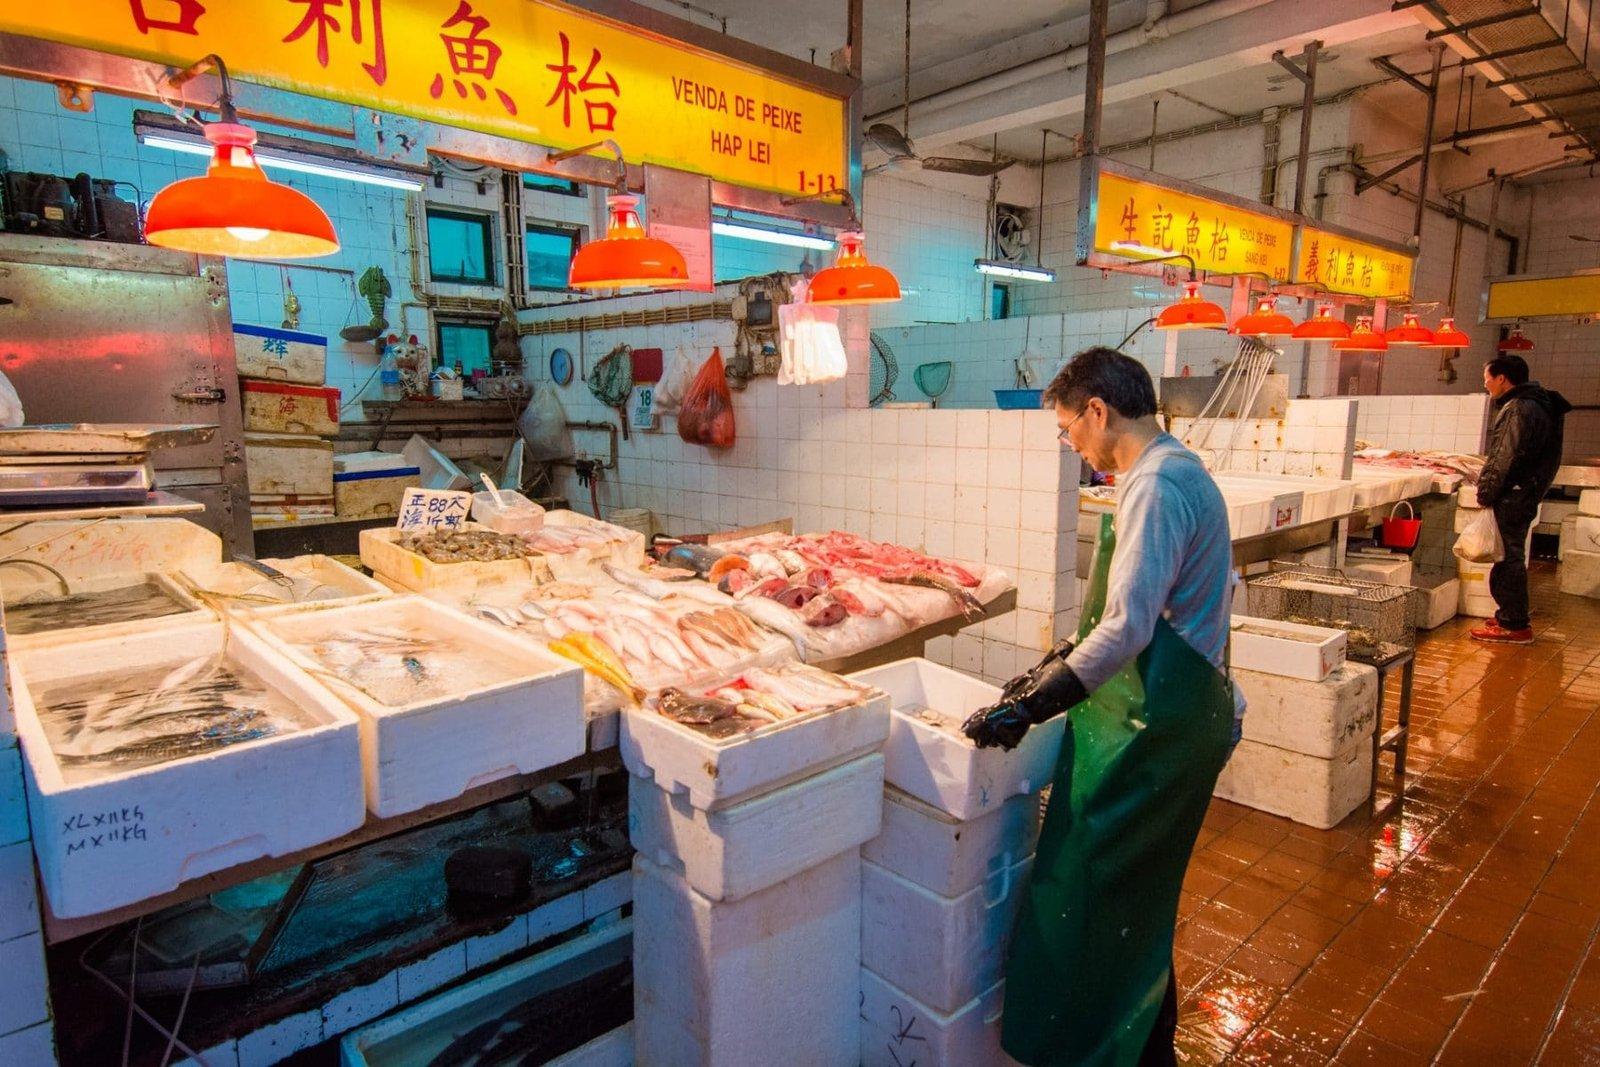 marché municipal taipa - macao